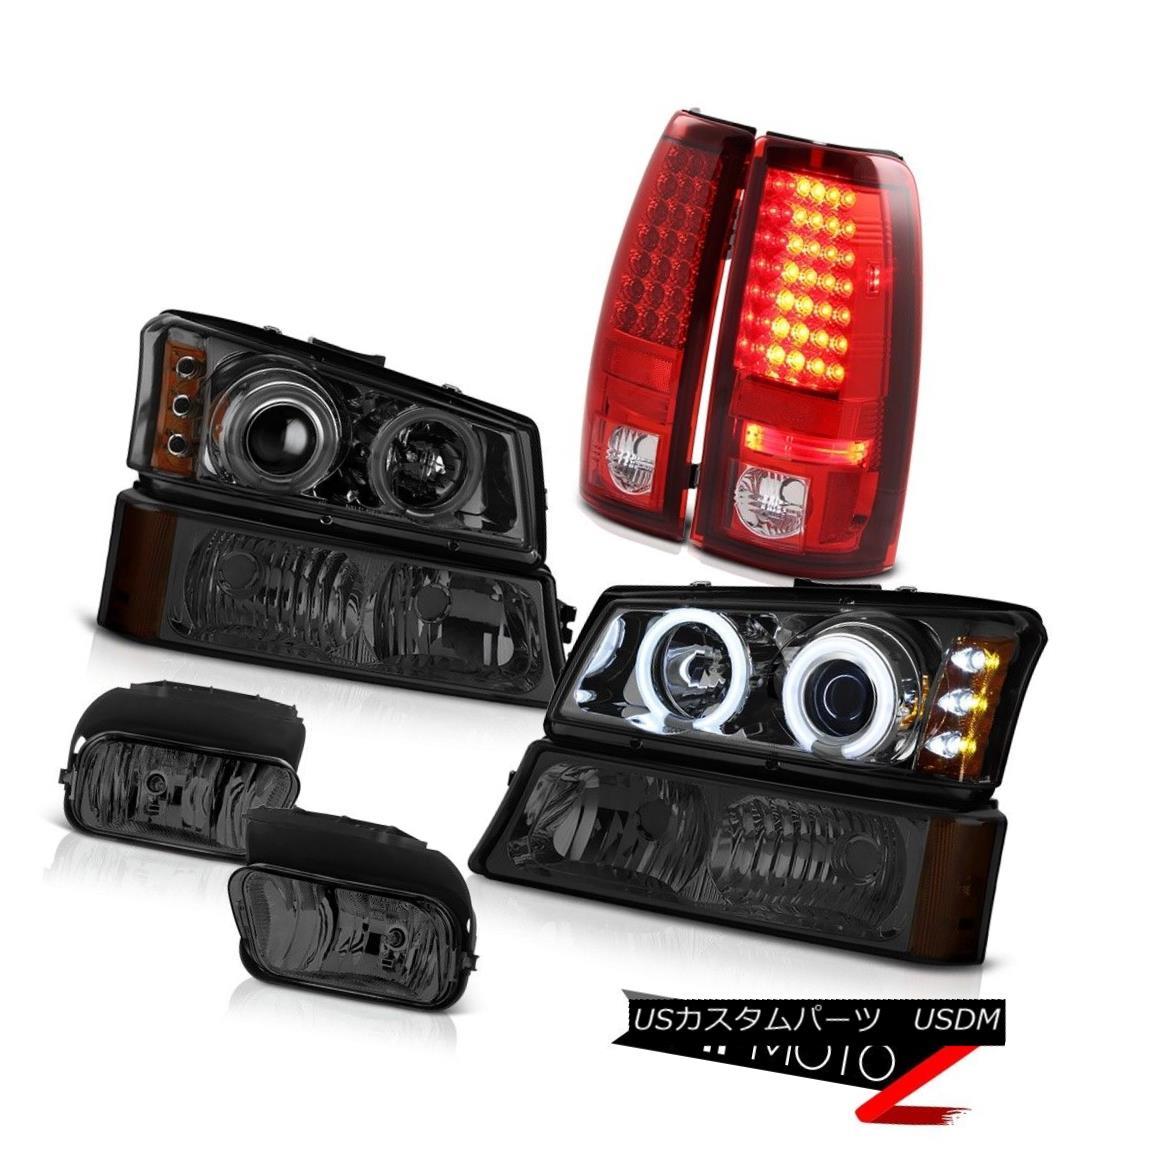 テールライト Daytime CCFL Halo Headlight Bumper LED Bulb Tail Lights Foglight 03-06 Silverado 昼間CCFL HaloヘッドライトバンパーLED電球テールライトFoglight 03-06 Silverado